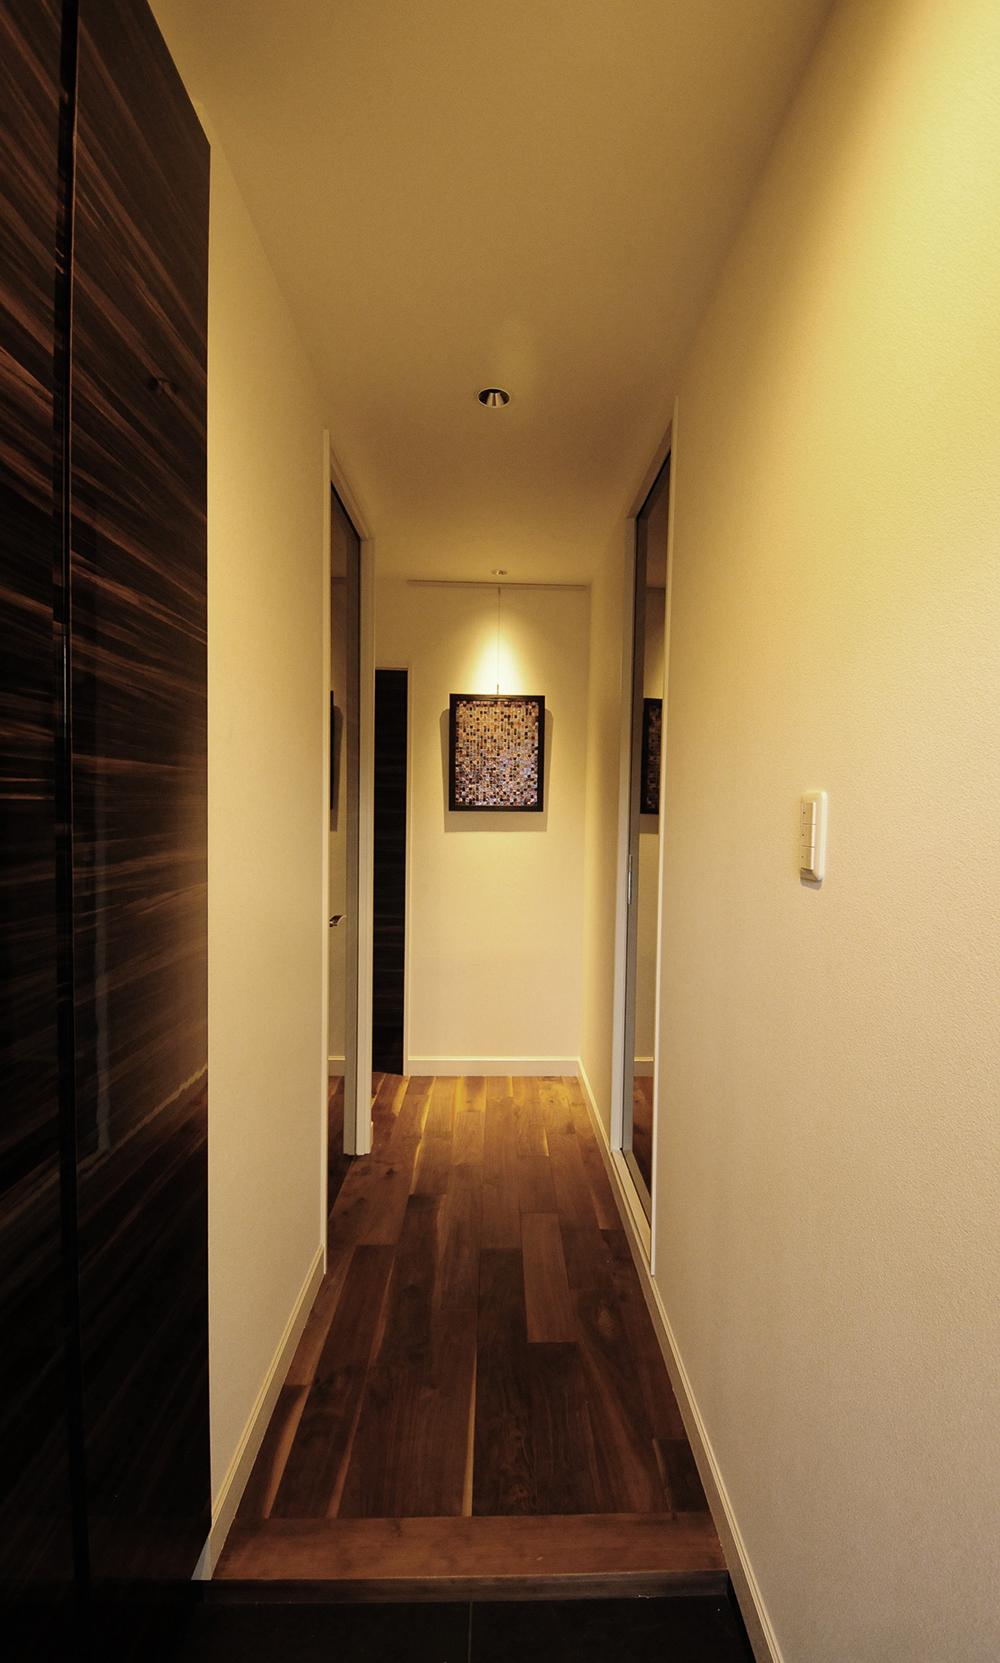 エントランス。玄関を入るとイタリアガラスモザイクアートがお出迎え。ブラックウォールナットの無垢の床が引き立たせている。